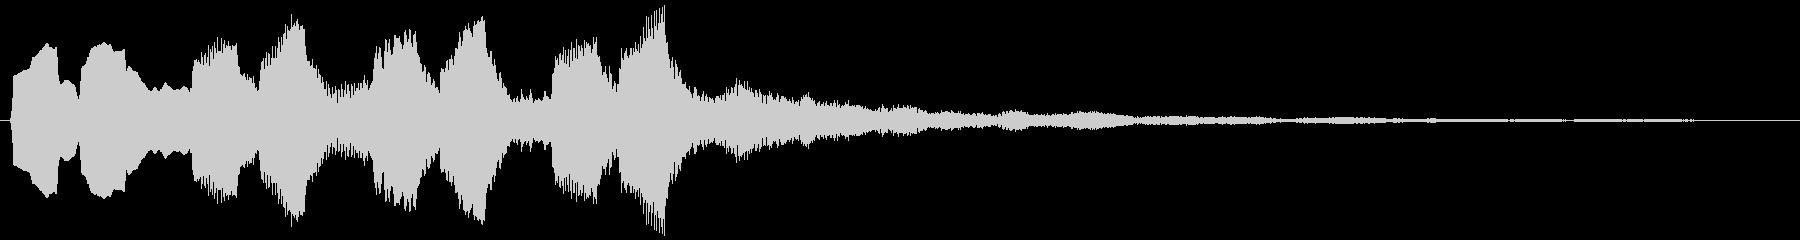 「あなただけの」サウンドロゴ(3秒ロゴ)の未再生の波形